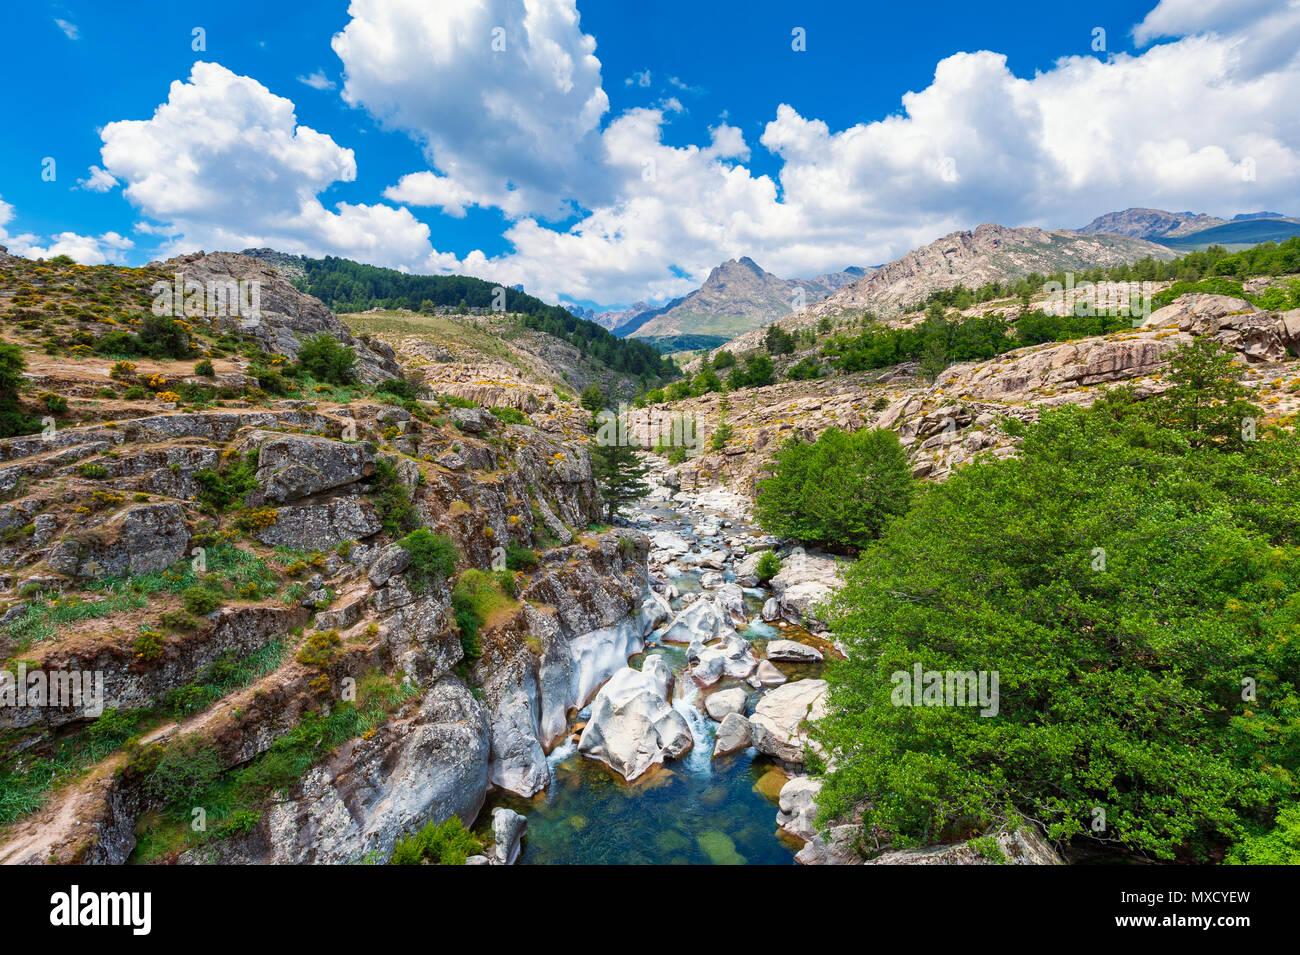 Stream und Gebirge in Korsika, Frankreich im Frühling Stockbild